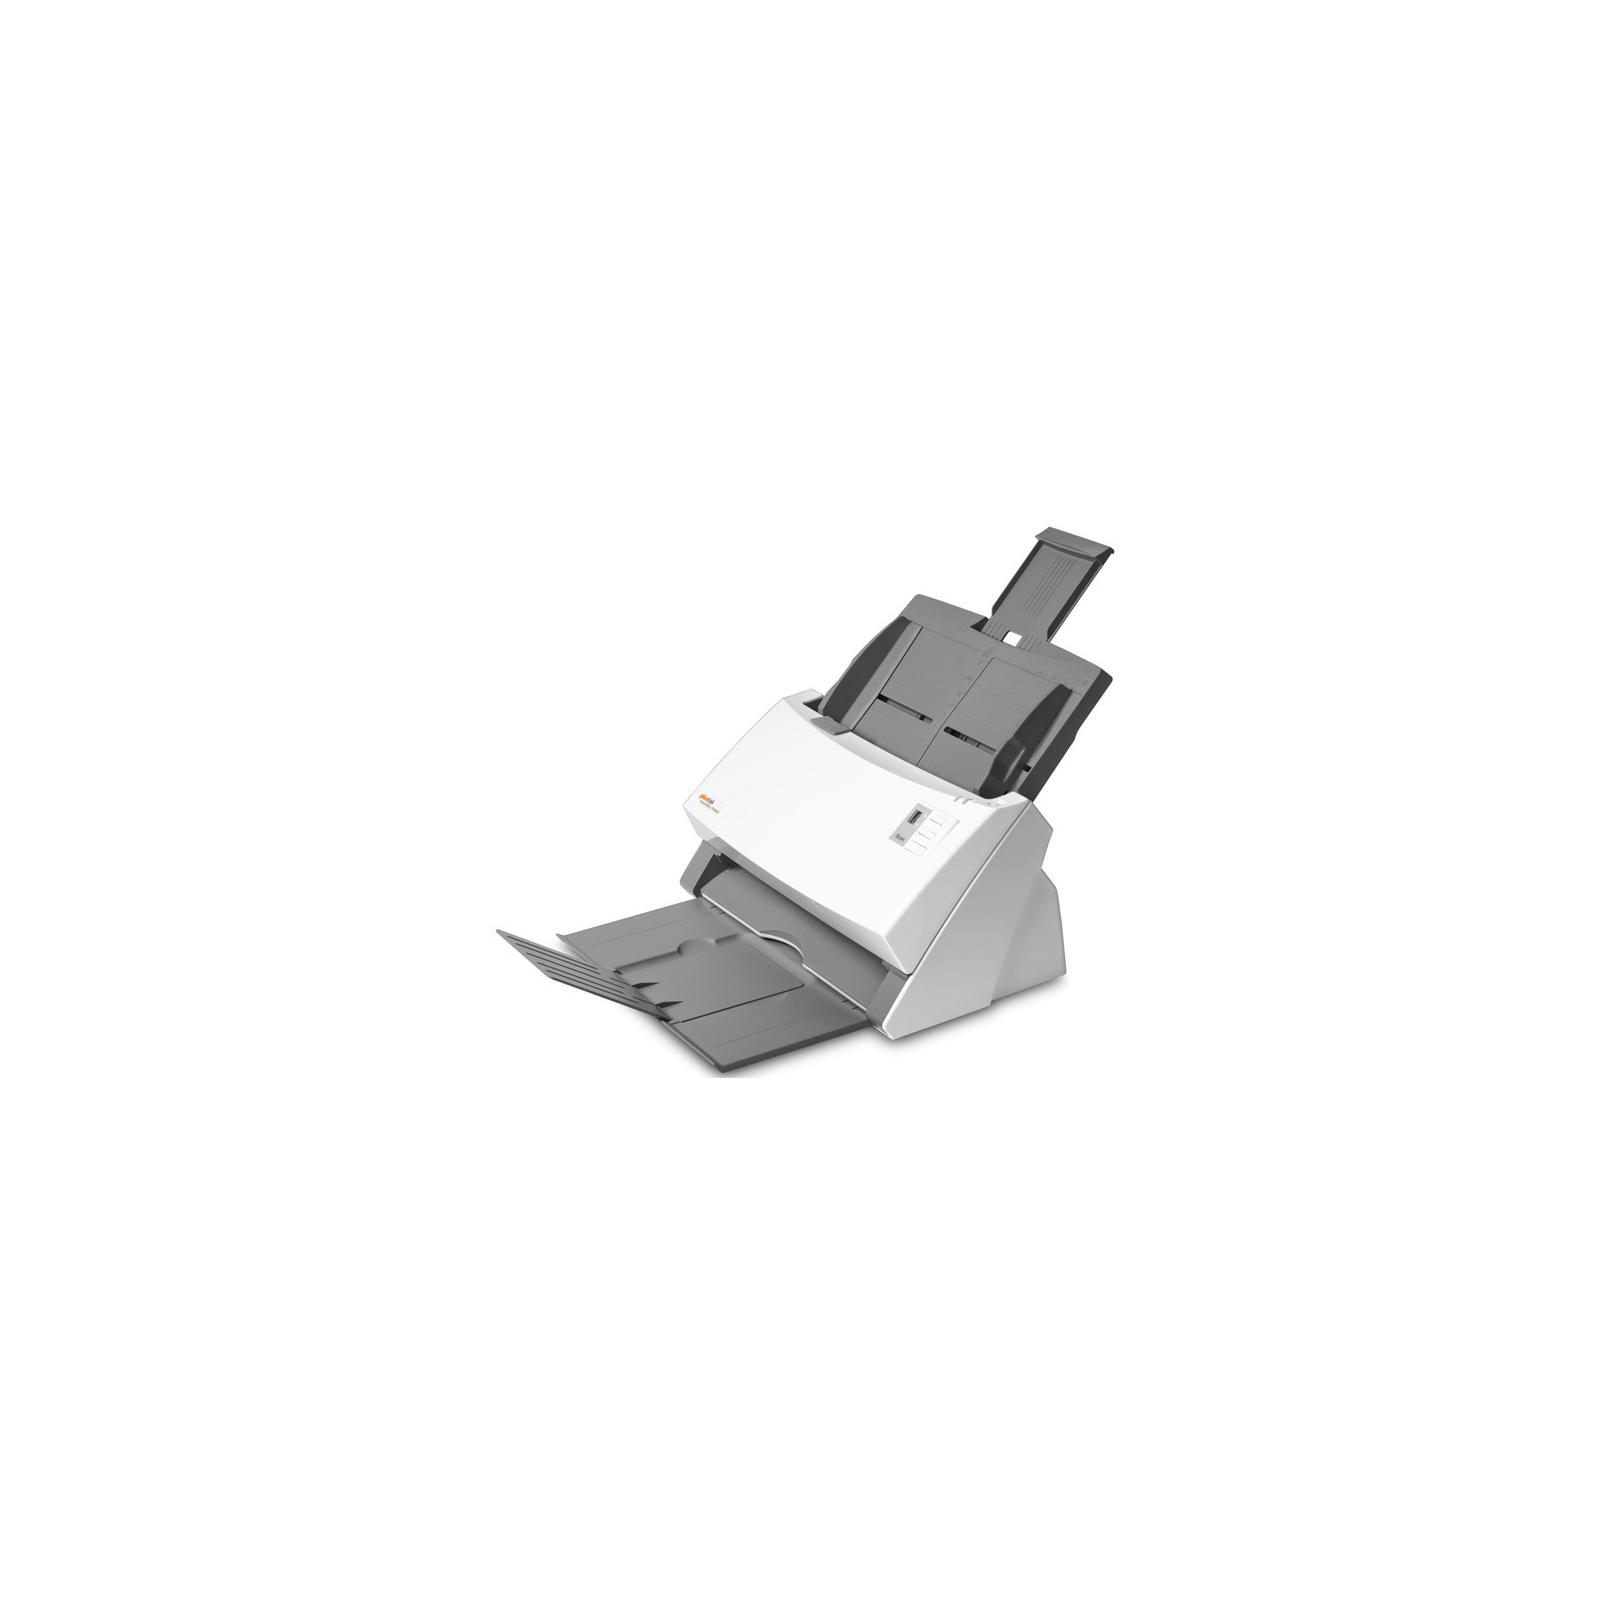 Сканер Plustek SmartOffice PS406U (0194TS) изображение 2